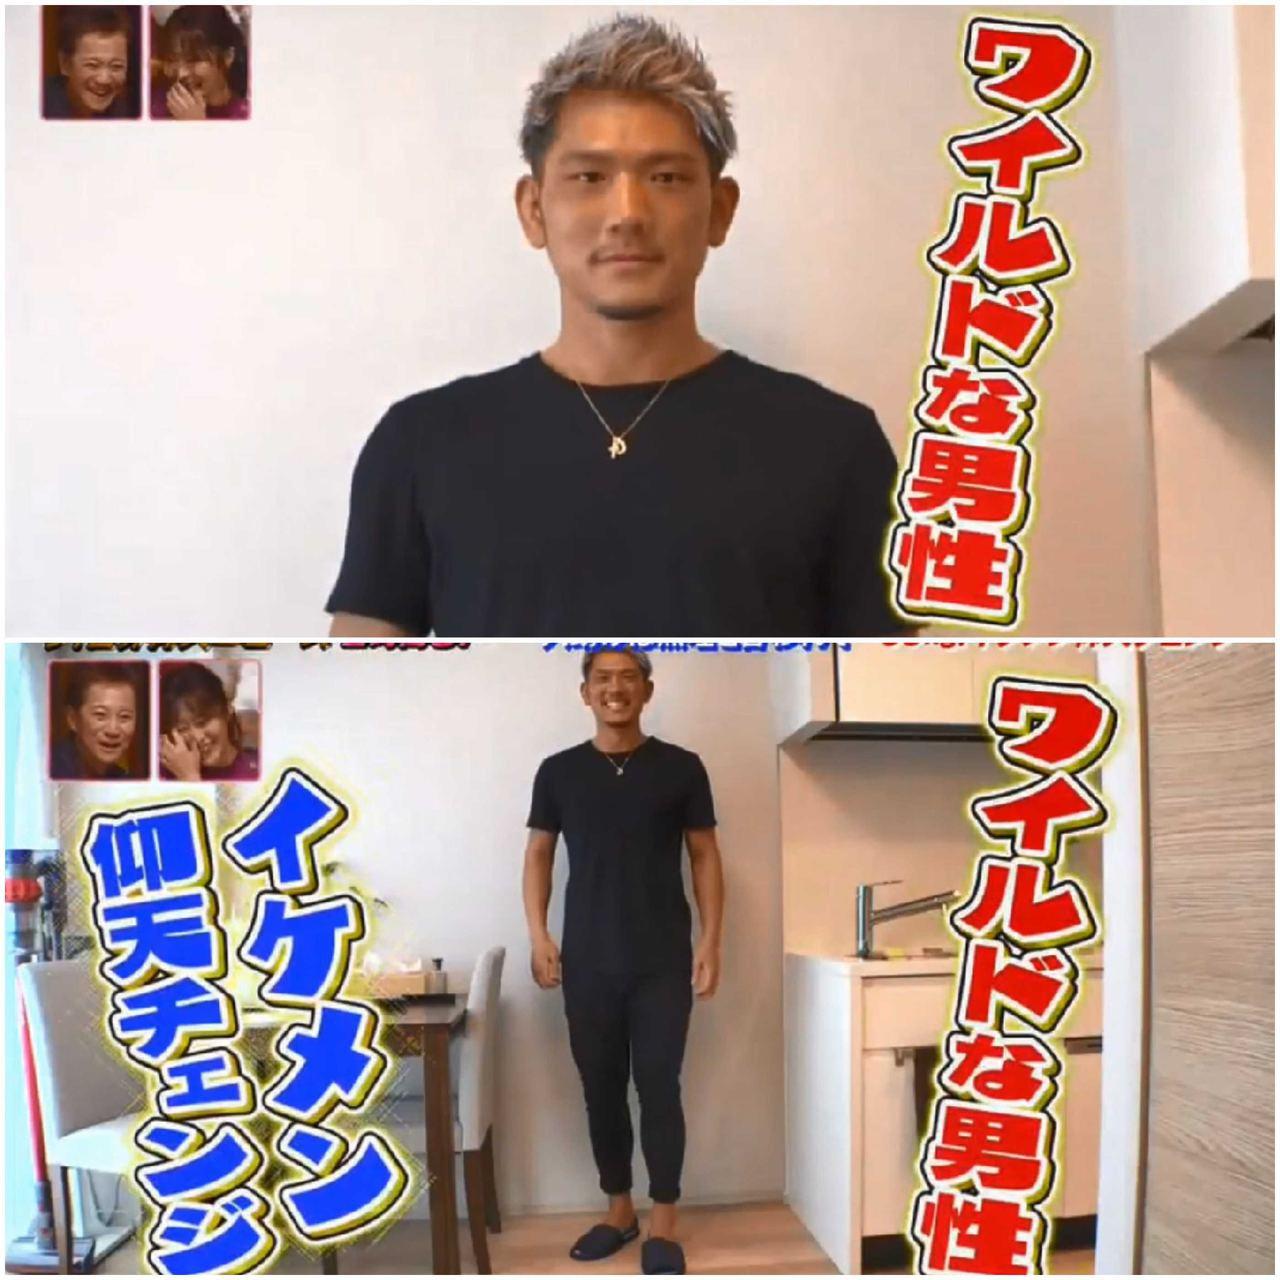 小西拓槙變成壯碩的狂野系型男!圖翻攝自日本綜藝節目「ザ!世界仰天ニュース 」